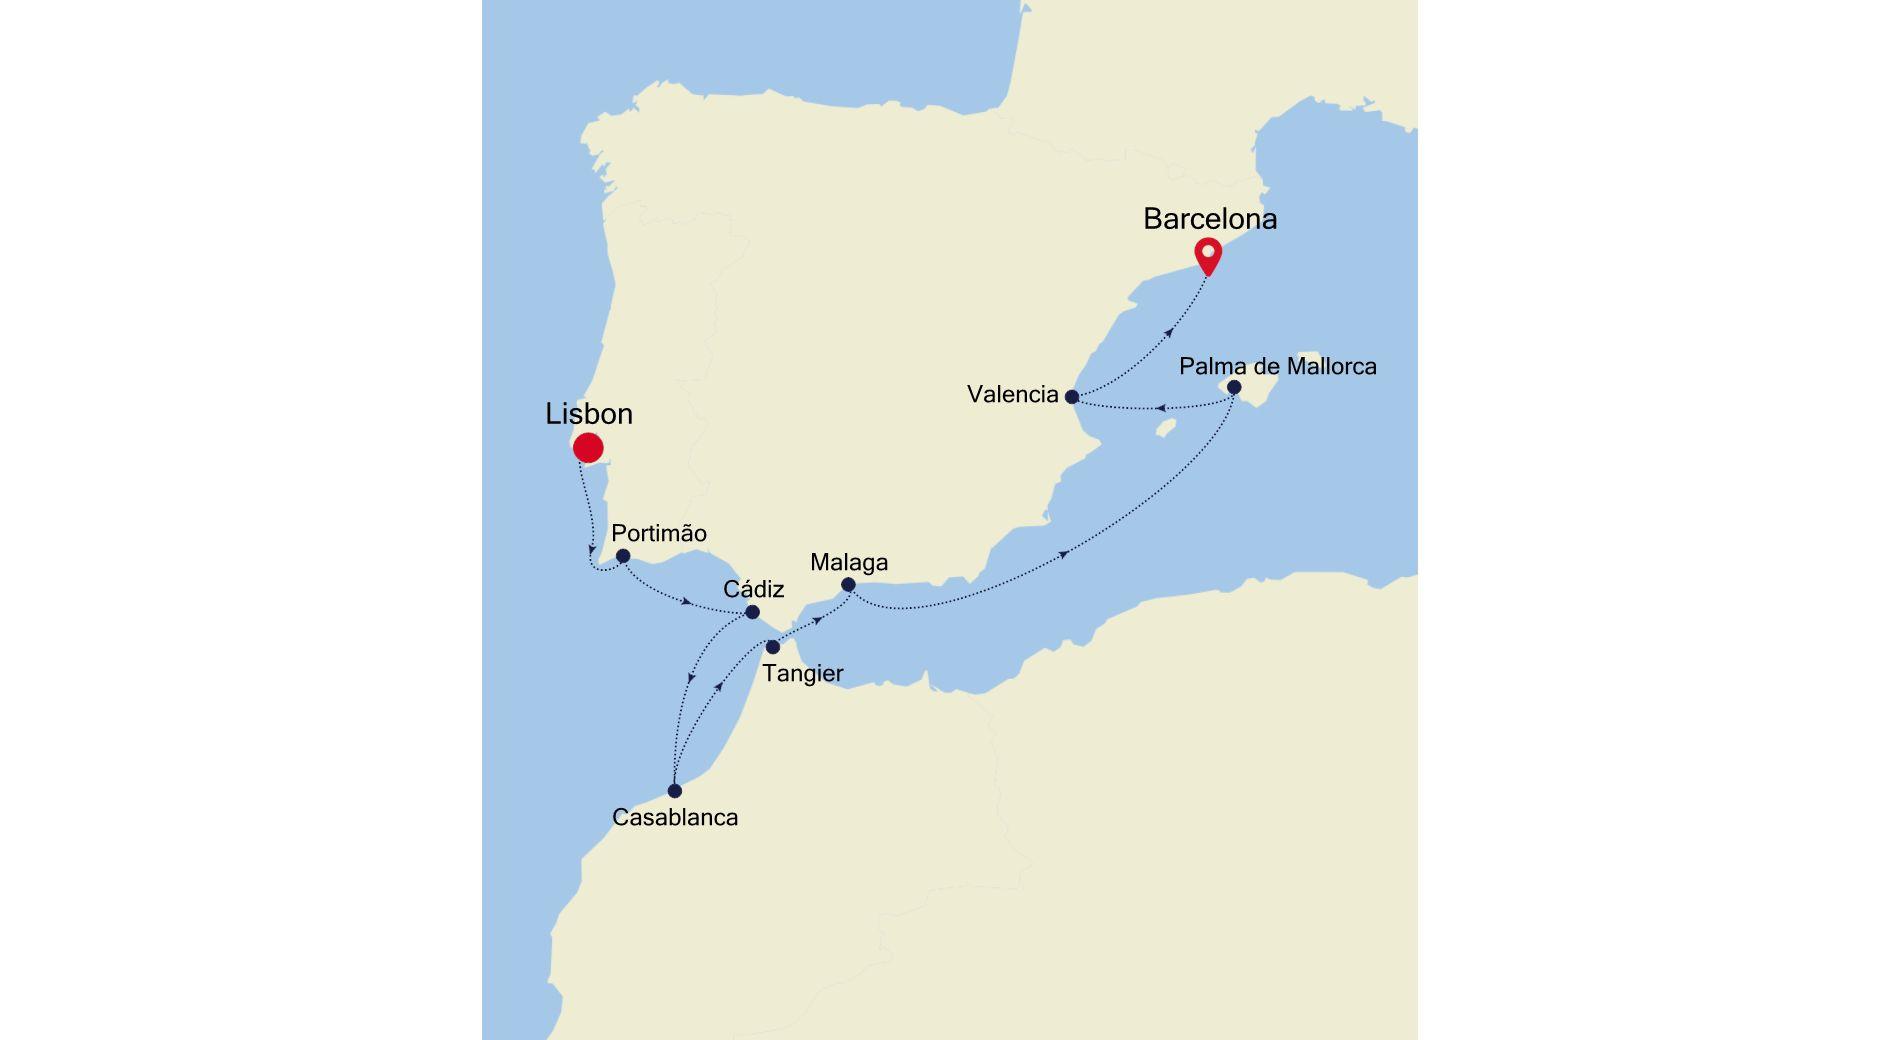 SL211020010 - Lisbon nach Barcelona